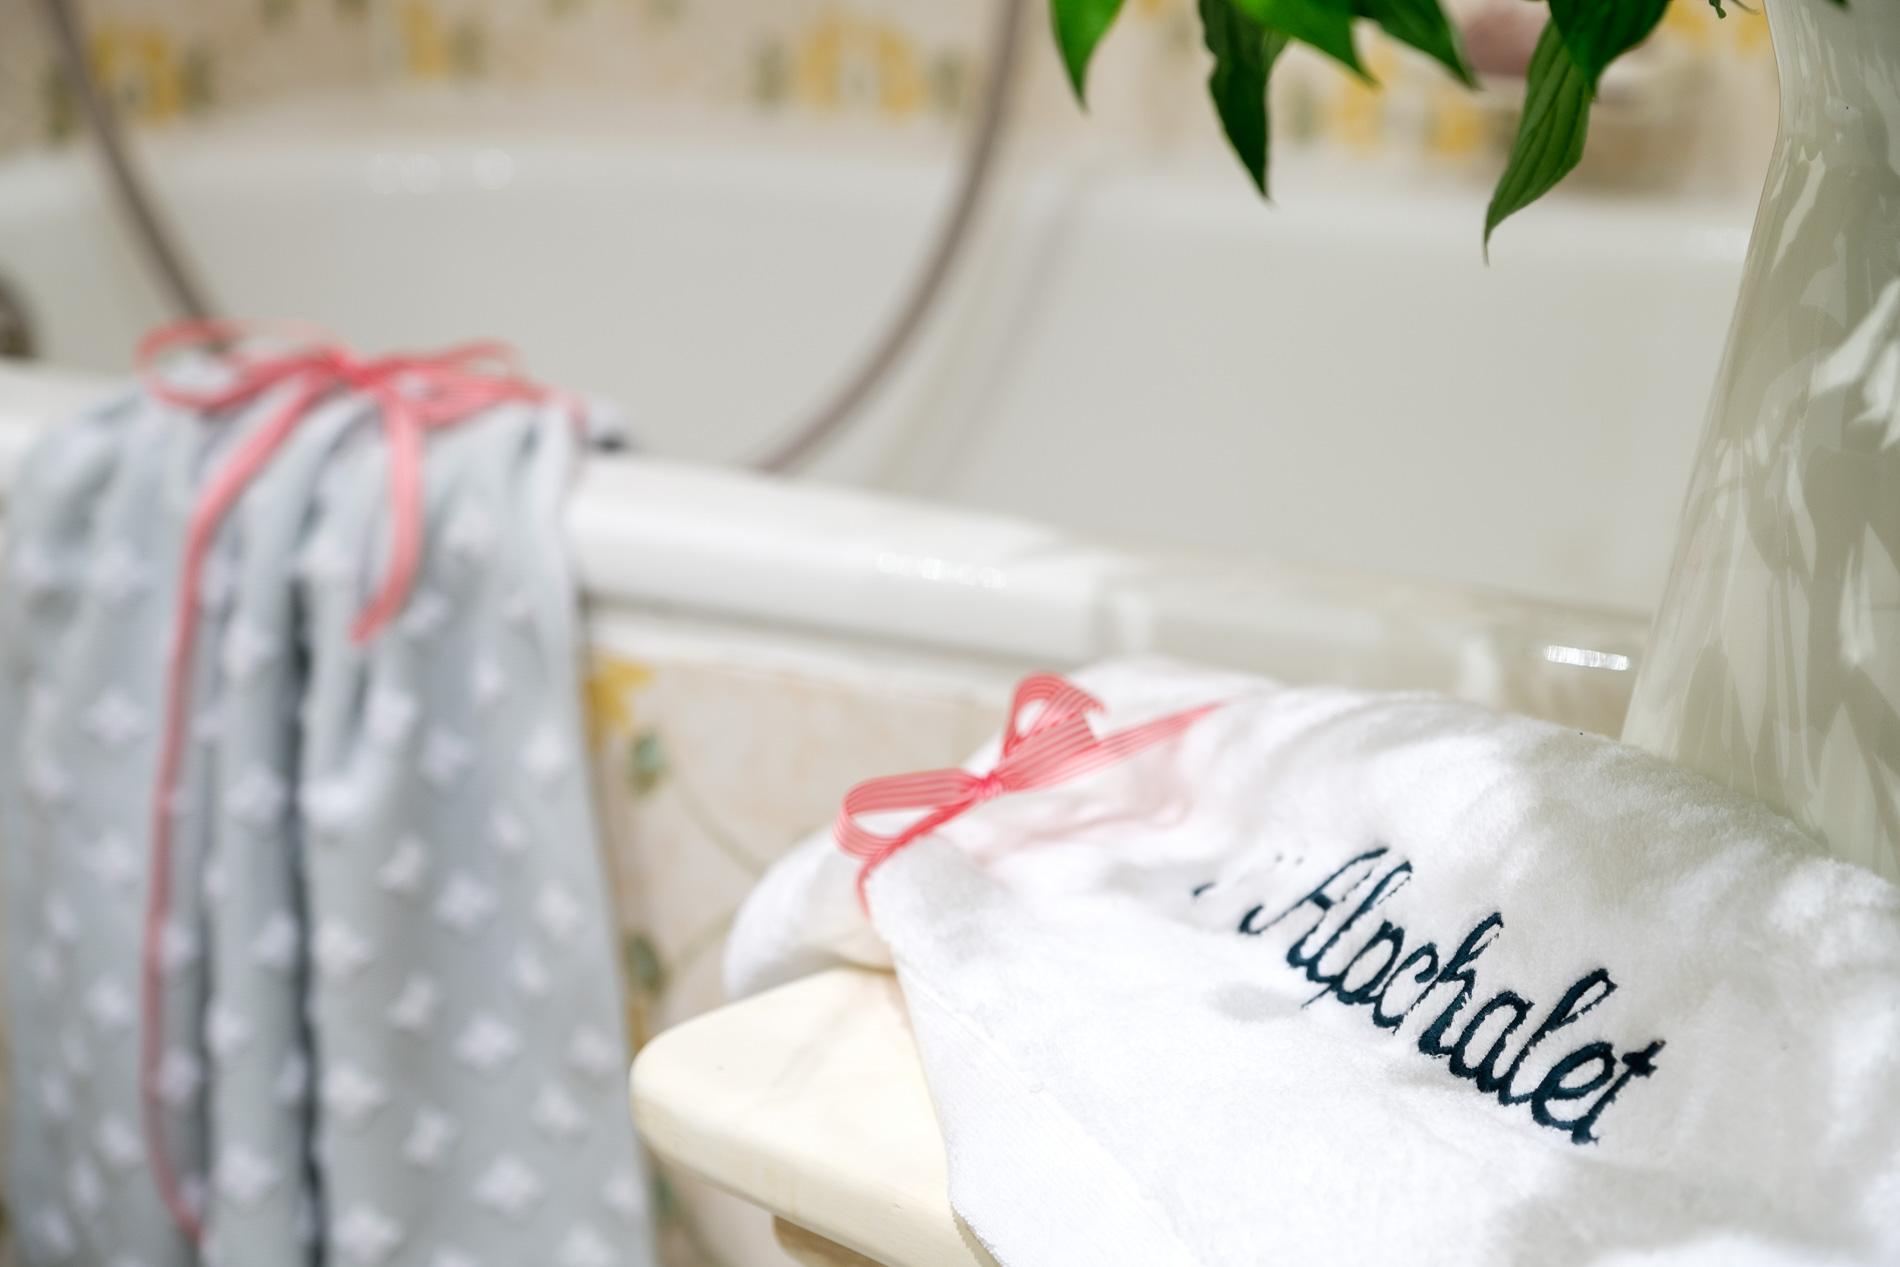 Badezimmer mit Badewanne und Handtuchtrockner.